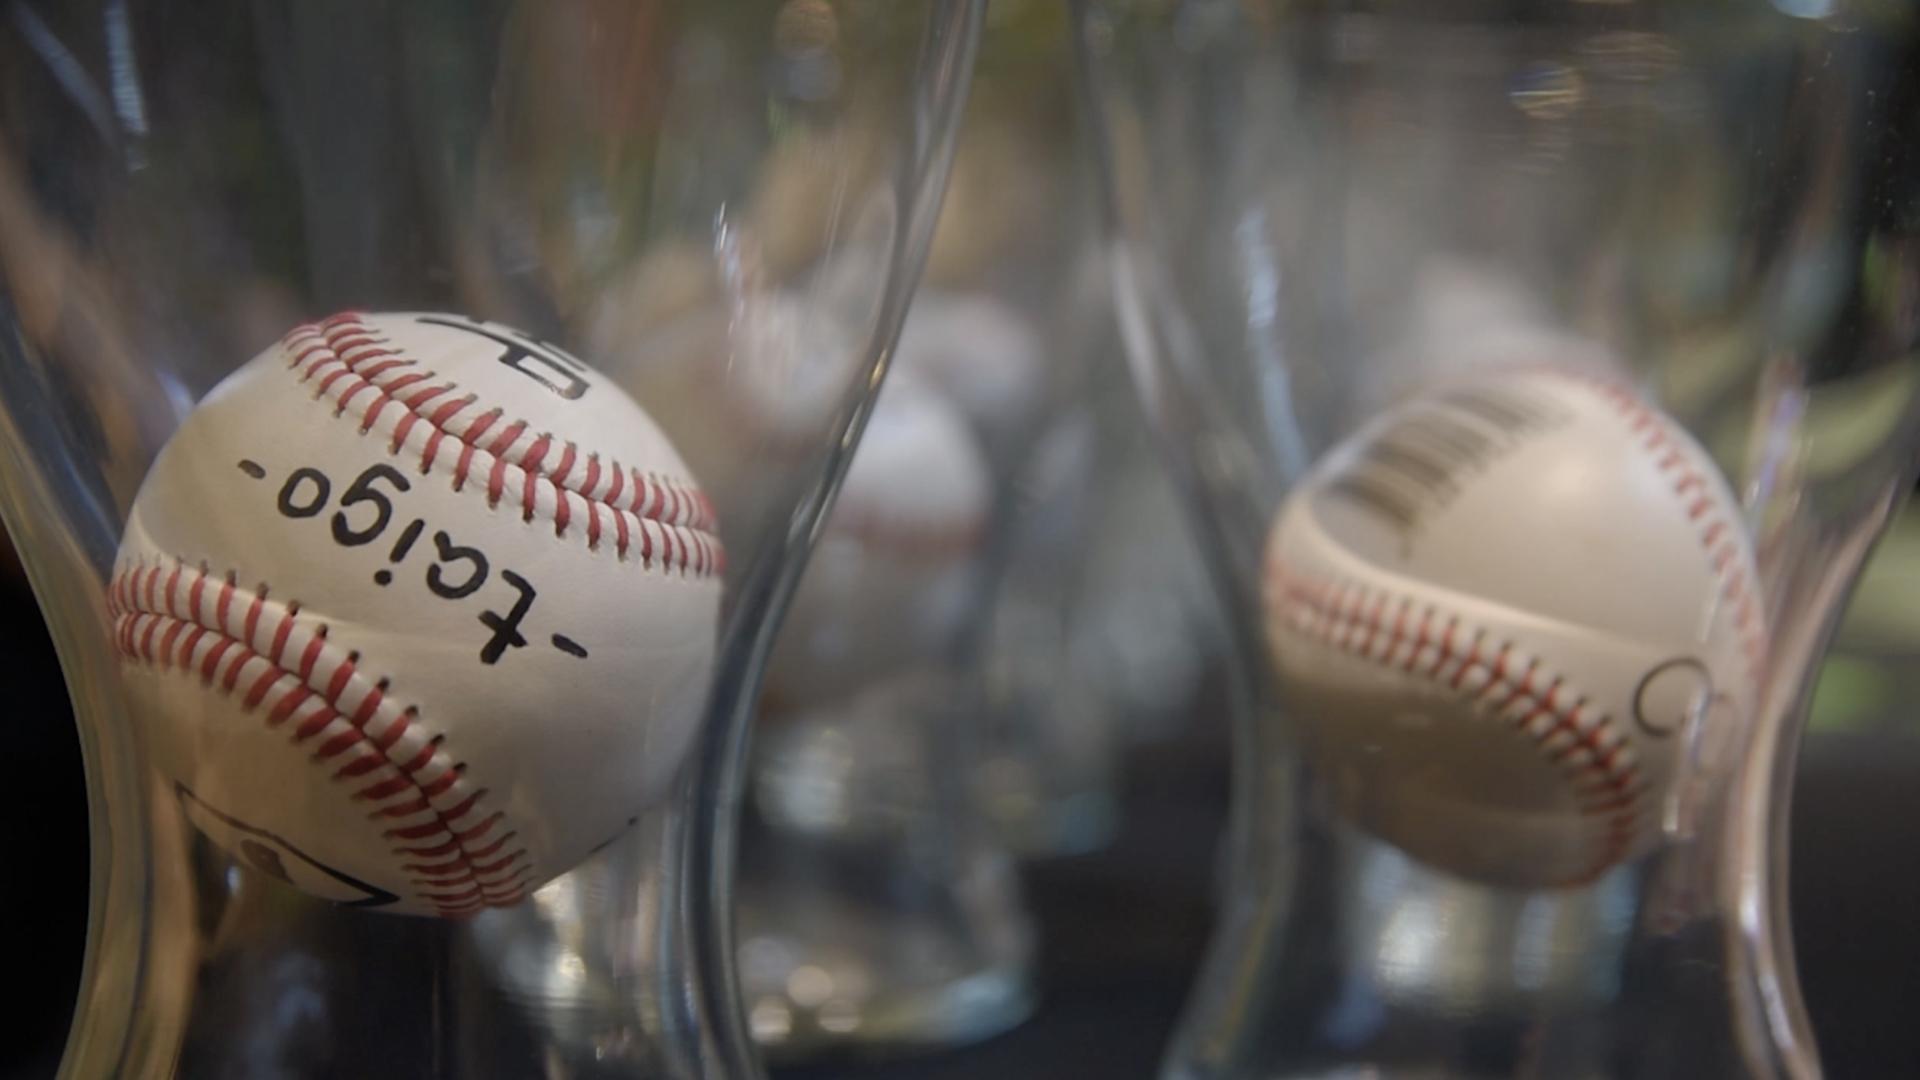 1 顆棒球 - 參與 PitchCamp 的創業公司無需繳交任何費用,僅需以象徵 Pitch 的一顆棒球作為入場券。